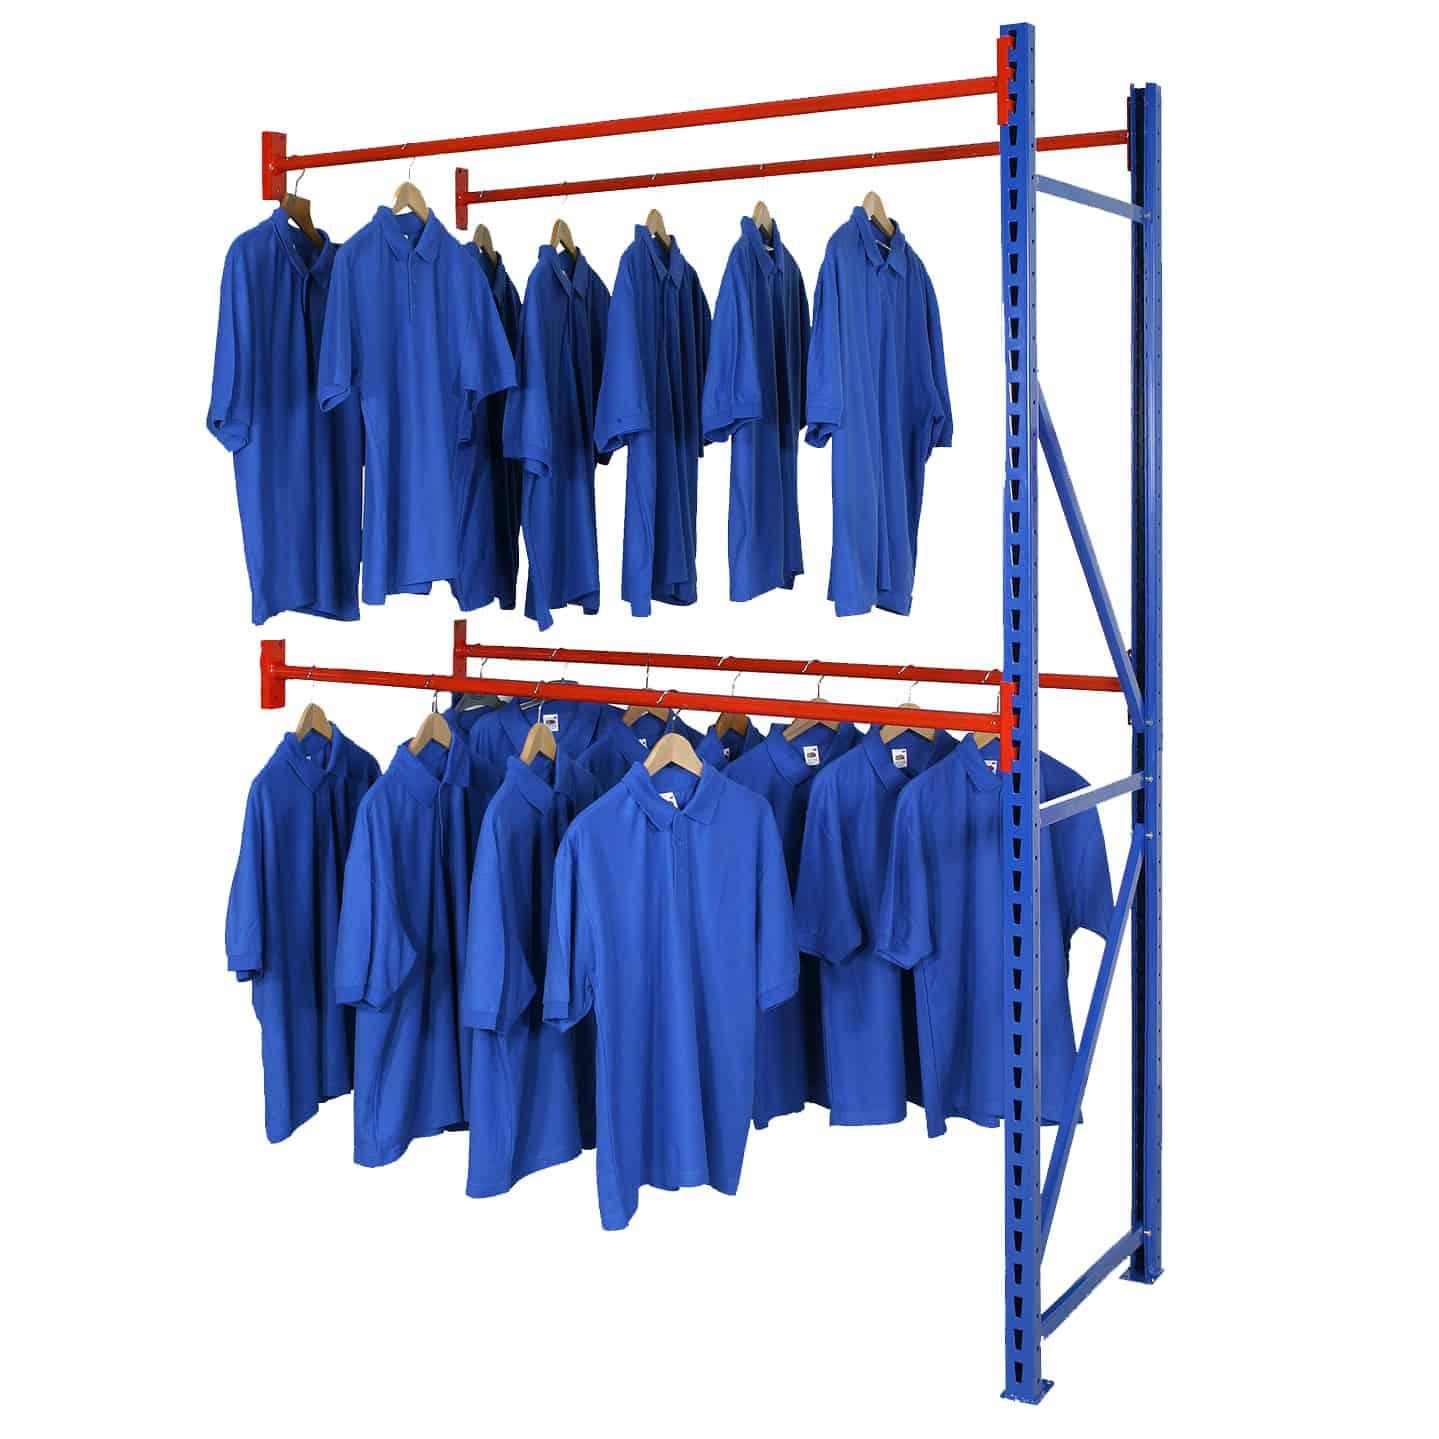 Longspan Garment Hanging Rail Racking Extension Bay